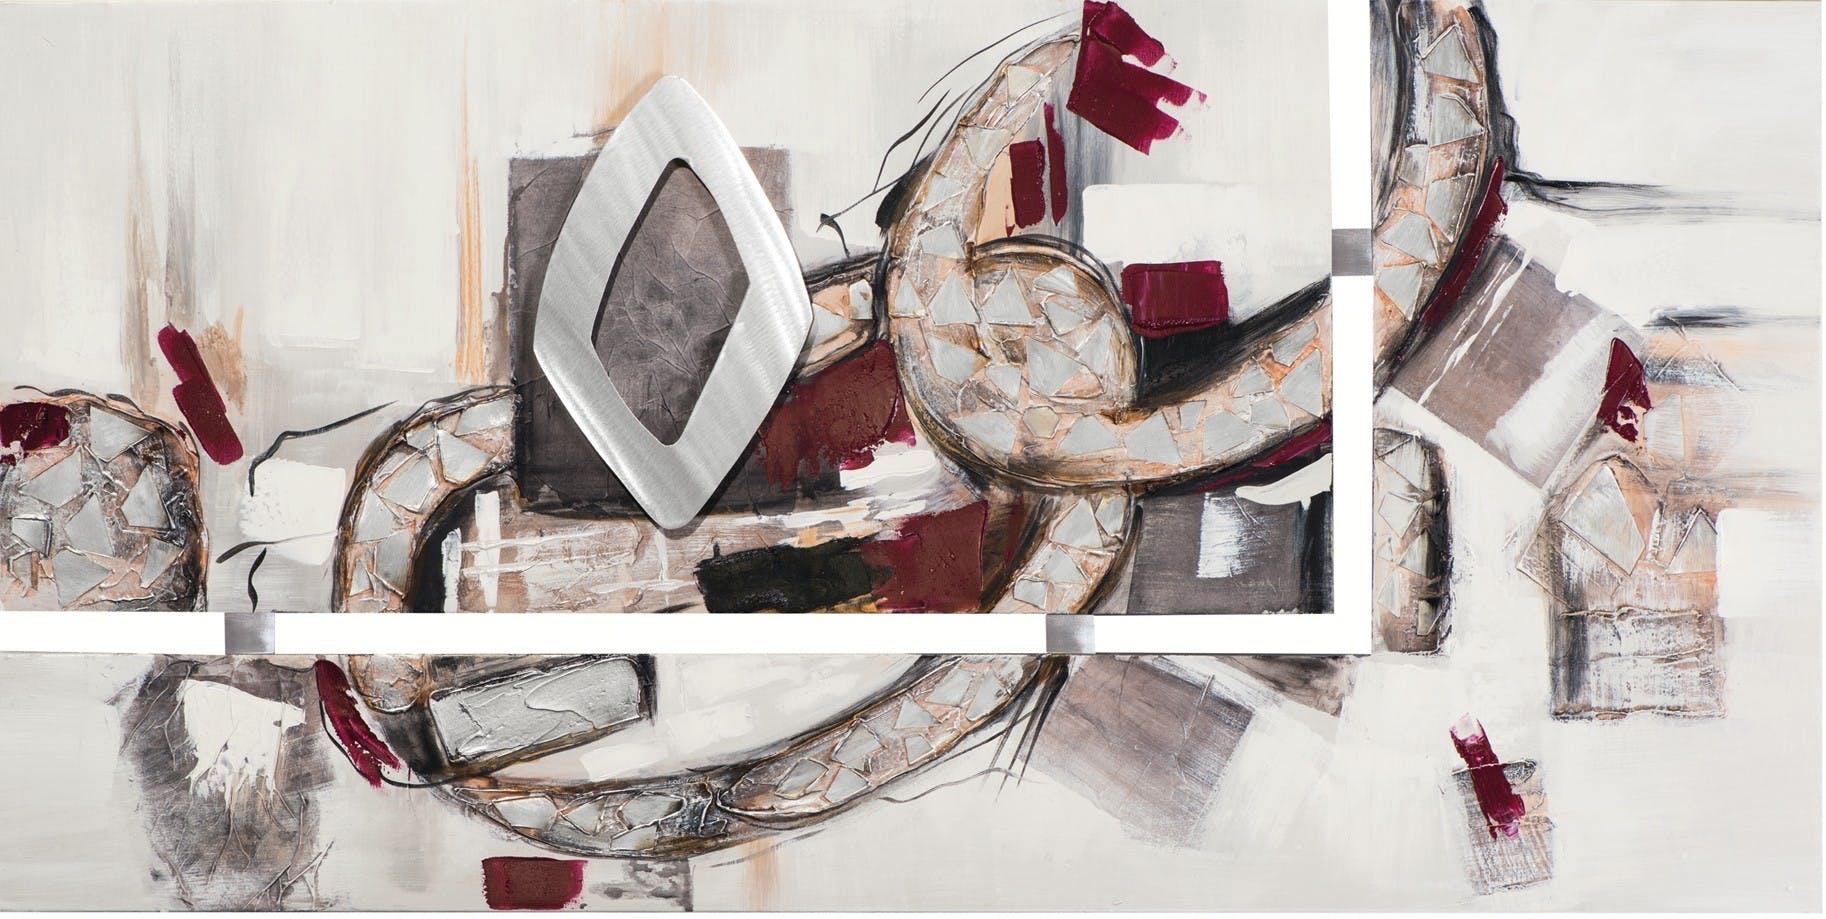 Tableau Abstrait diptyque 70x140 Argenté. Ajout d'éléments métal en relief. Peinture acrylique